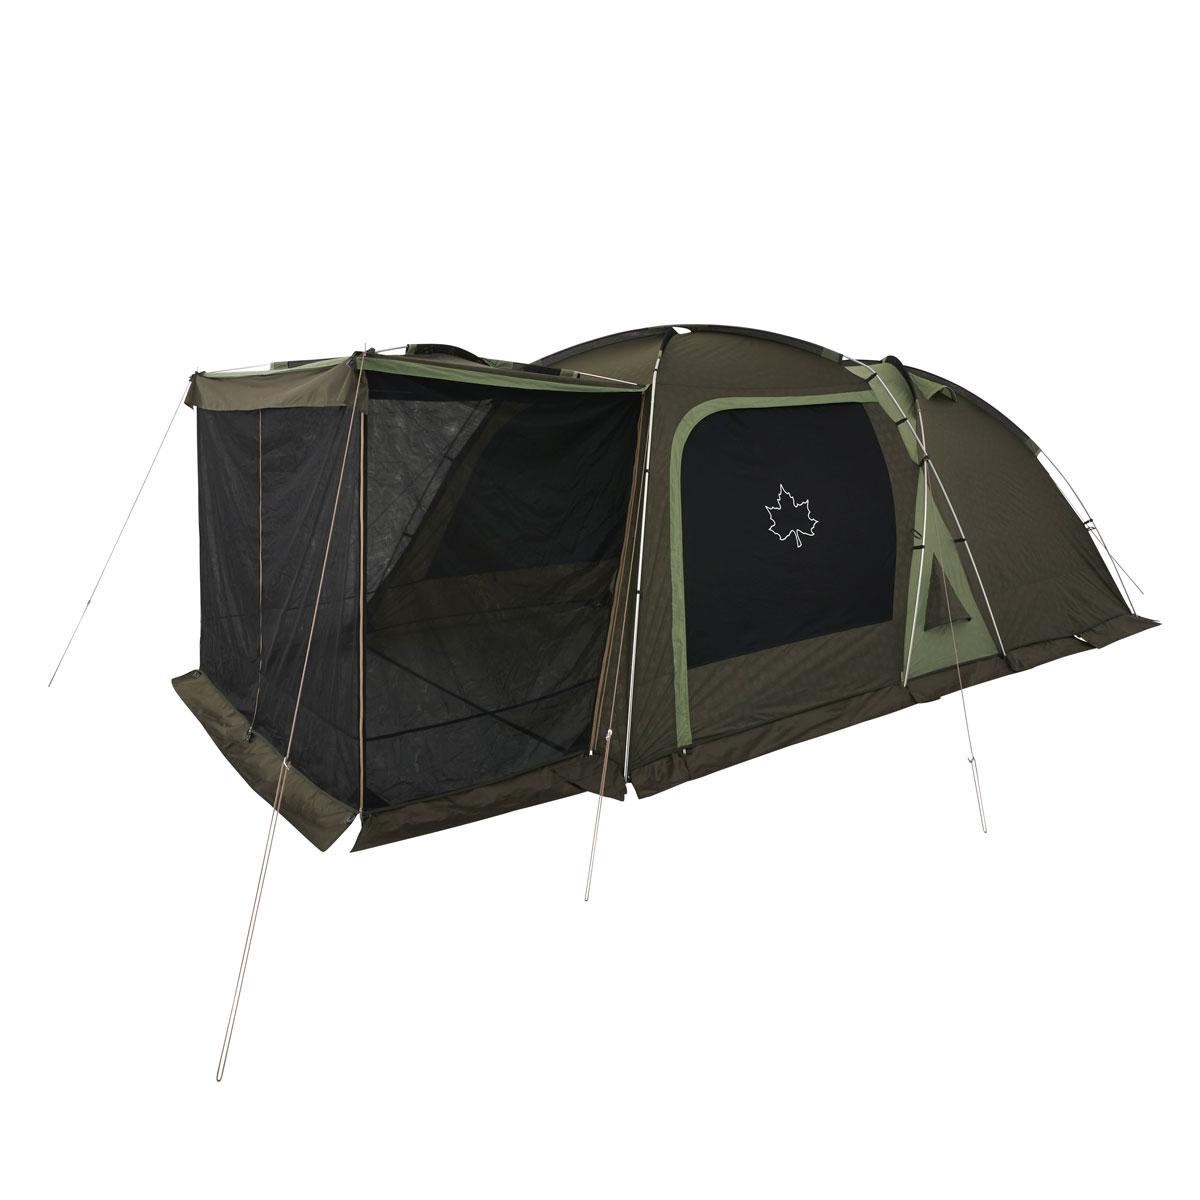 ロゴス(LOGOS) キャンプ用テント(3~5人用) neos 3ルームドゥーブル XL-BJ 71805549 テント タープ キャンプ用テント キャンプ アウトドア